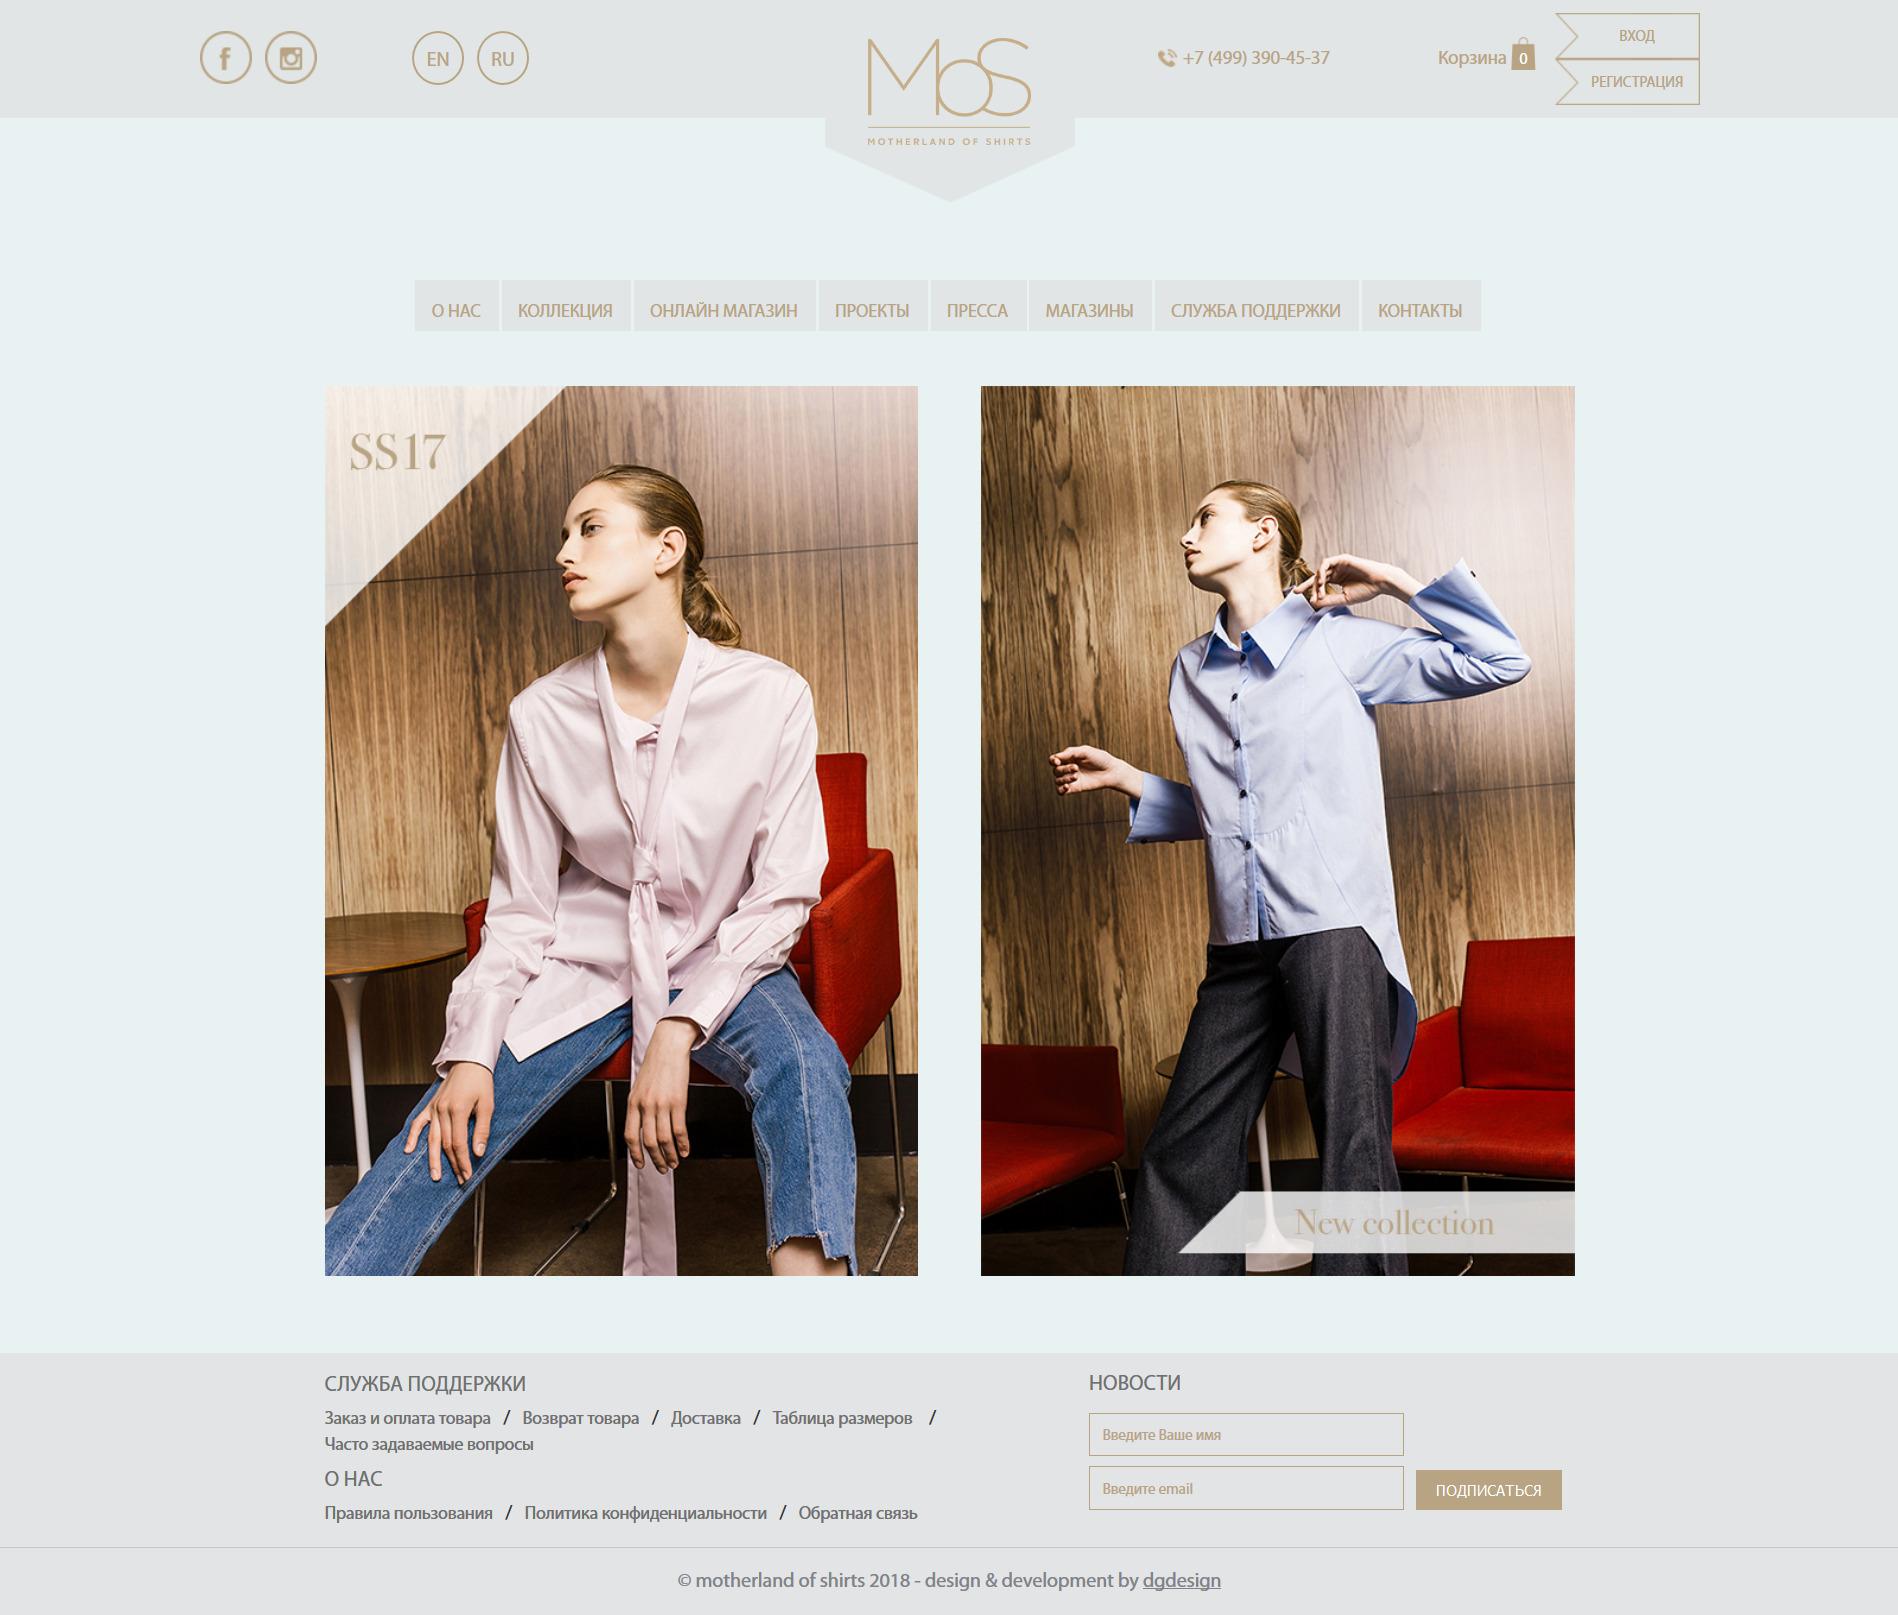 www.mosofficial.com